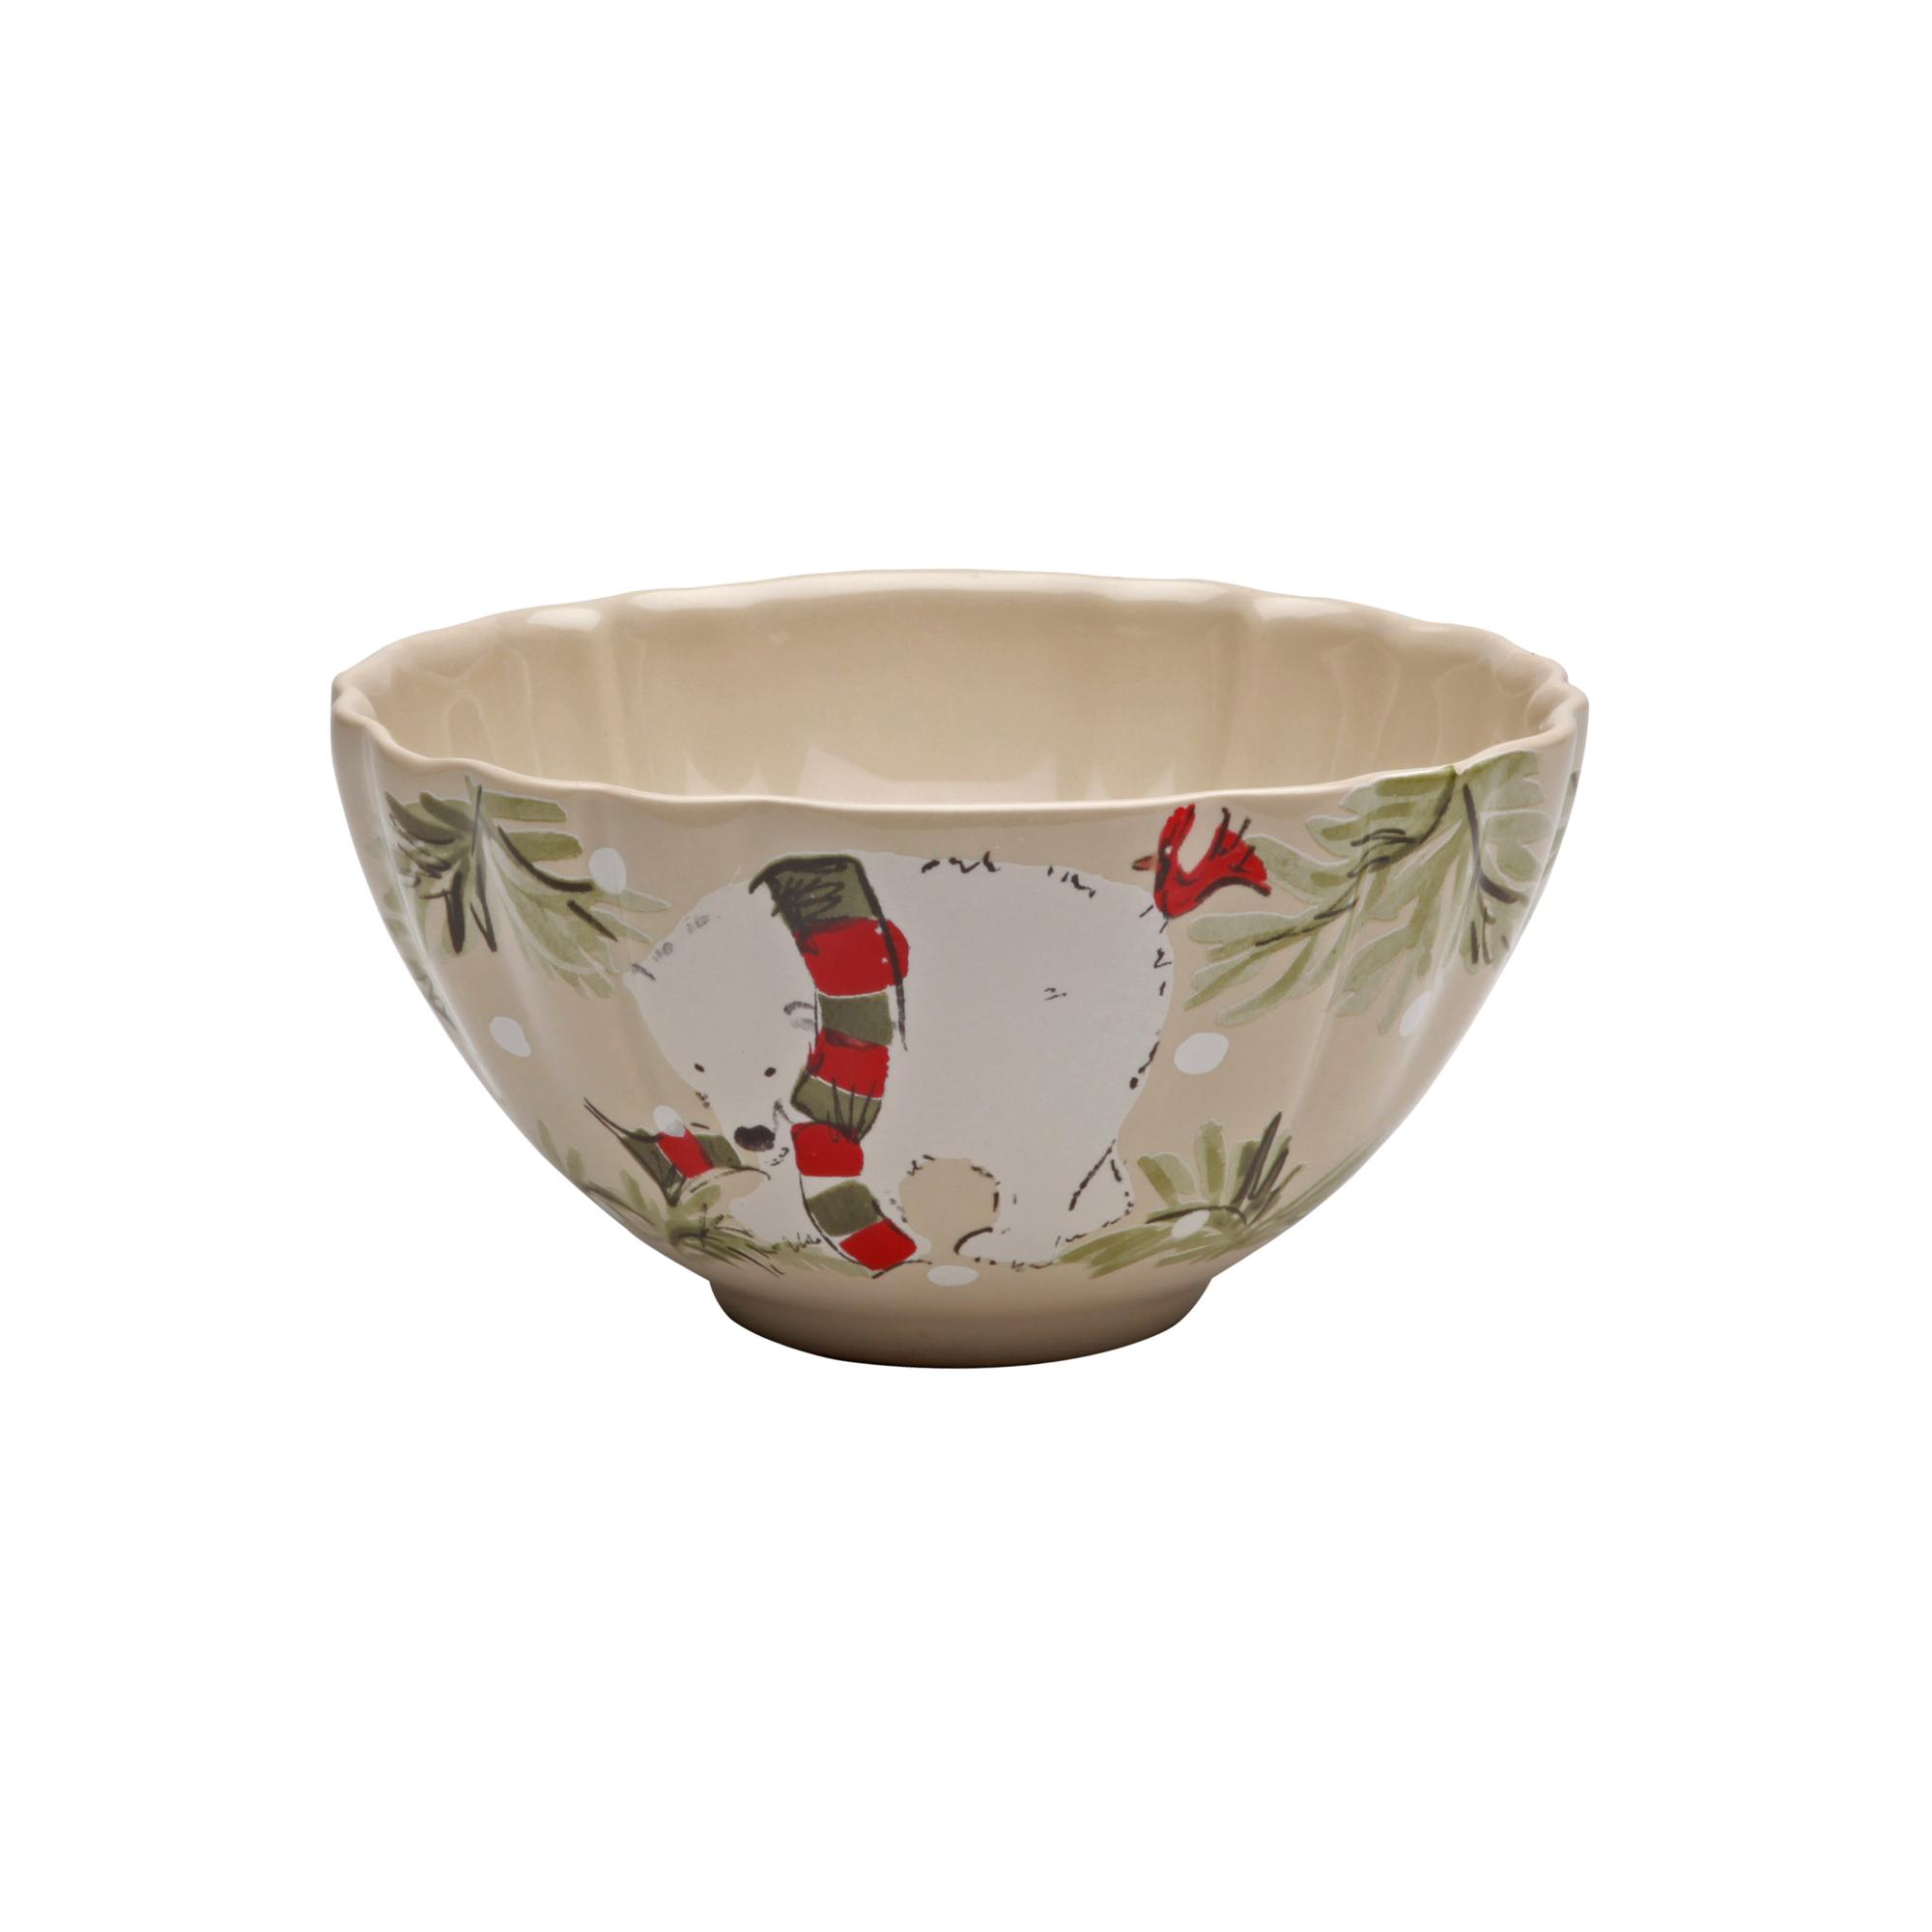 Casafina Deer Friends Stoneware Soup/Cereal Bowl, Set of 4